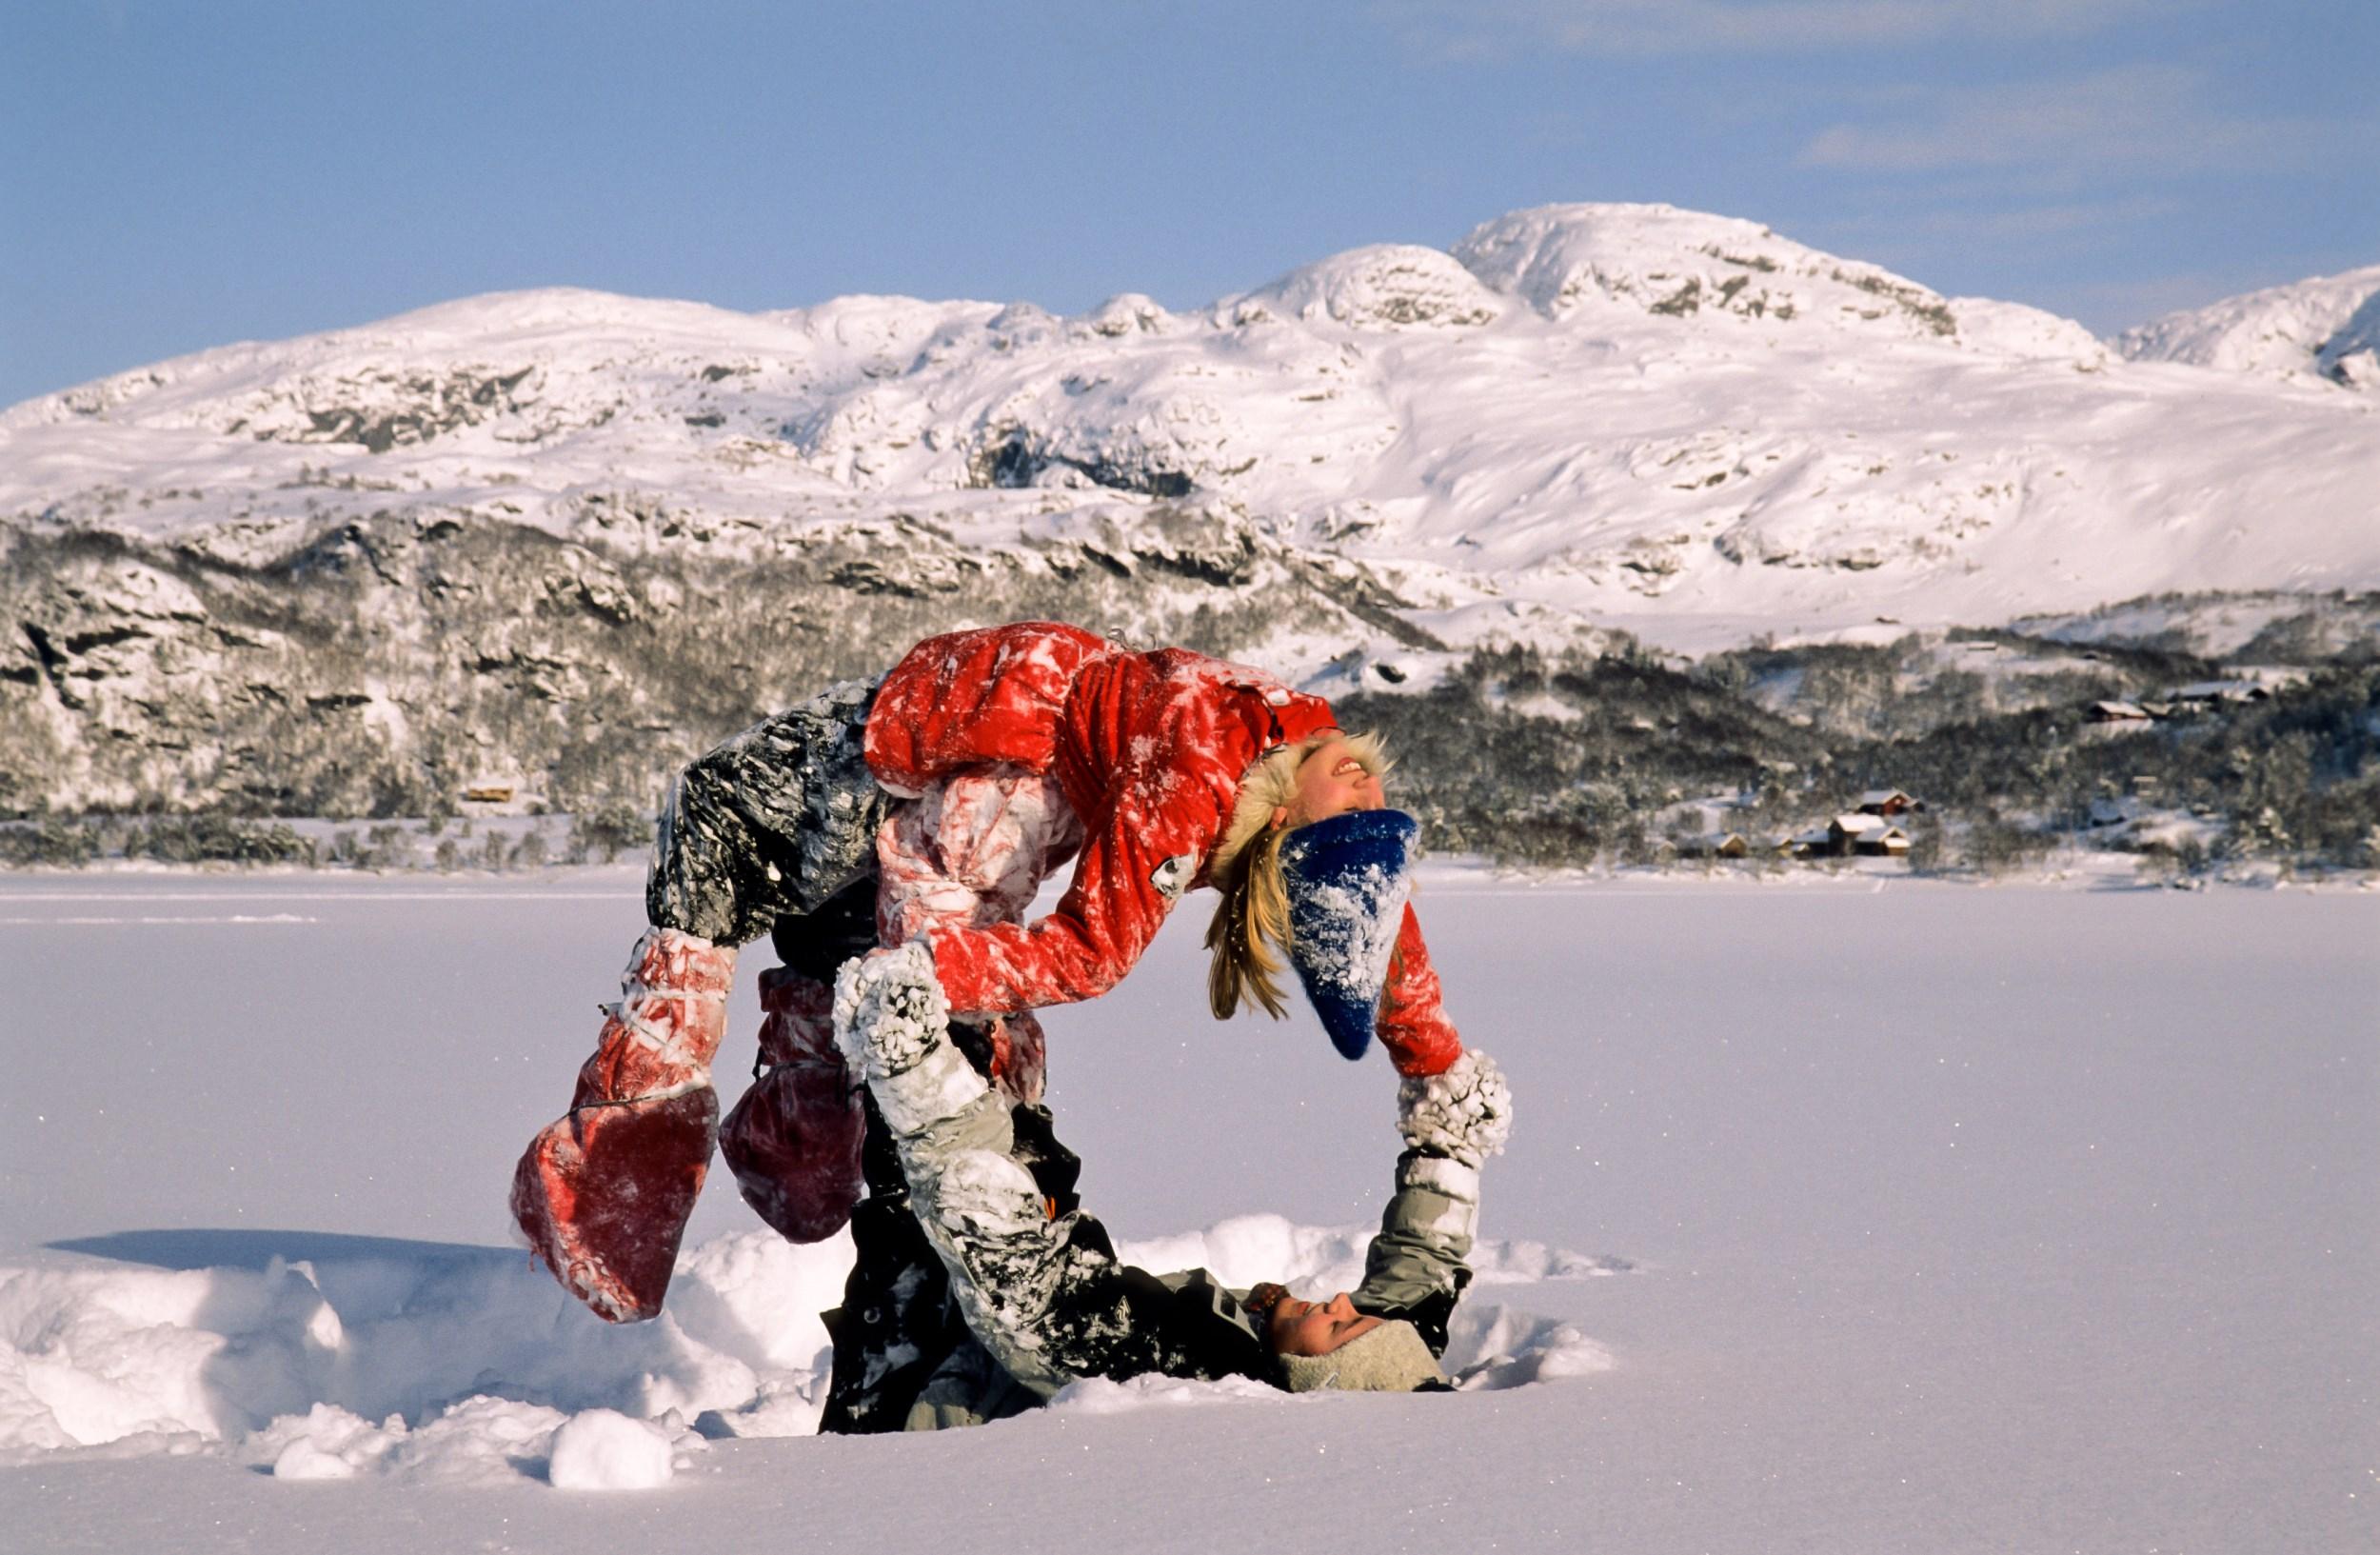 Gullingen in wintertime